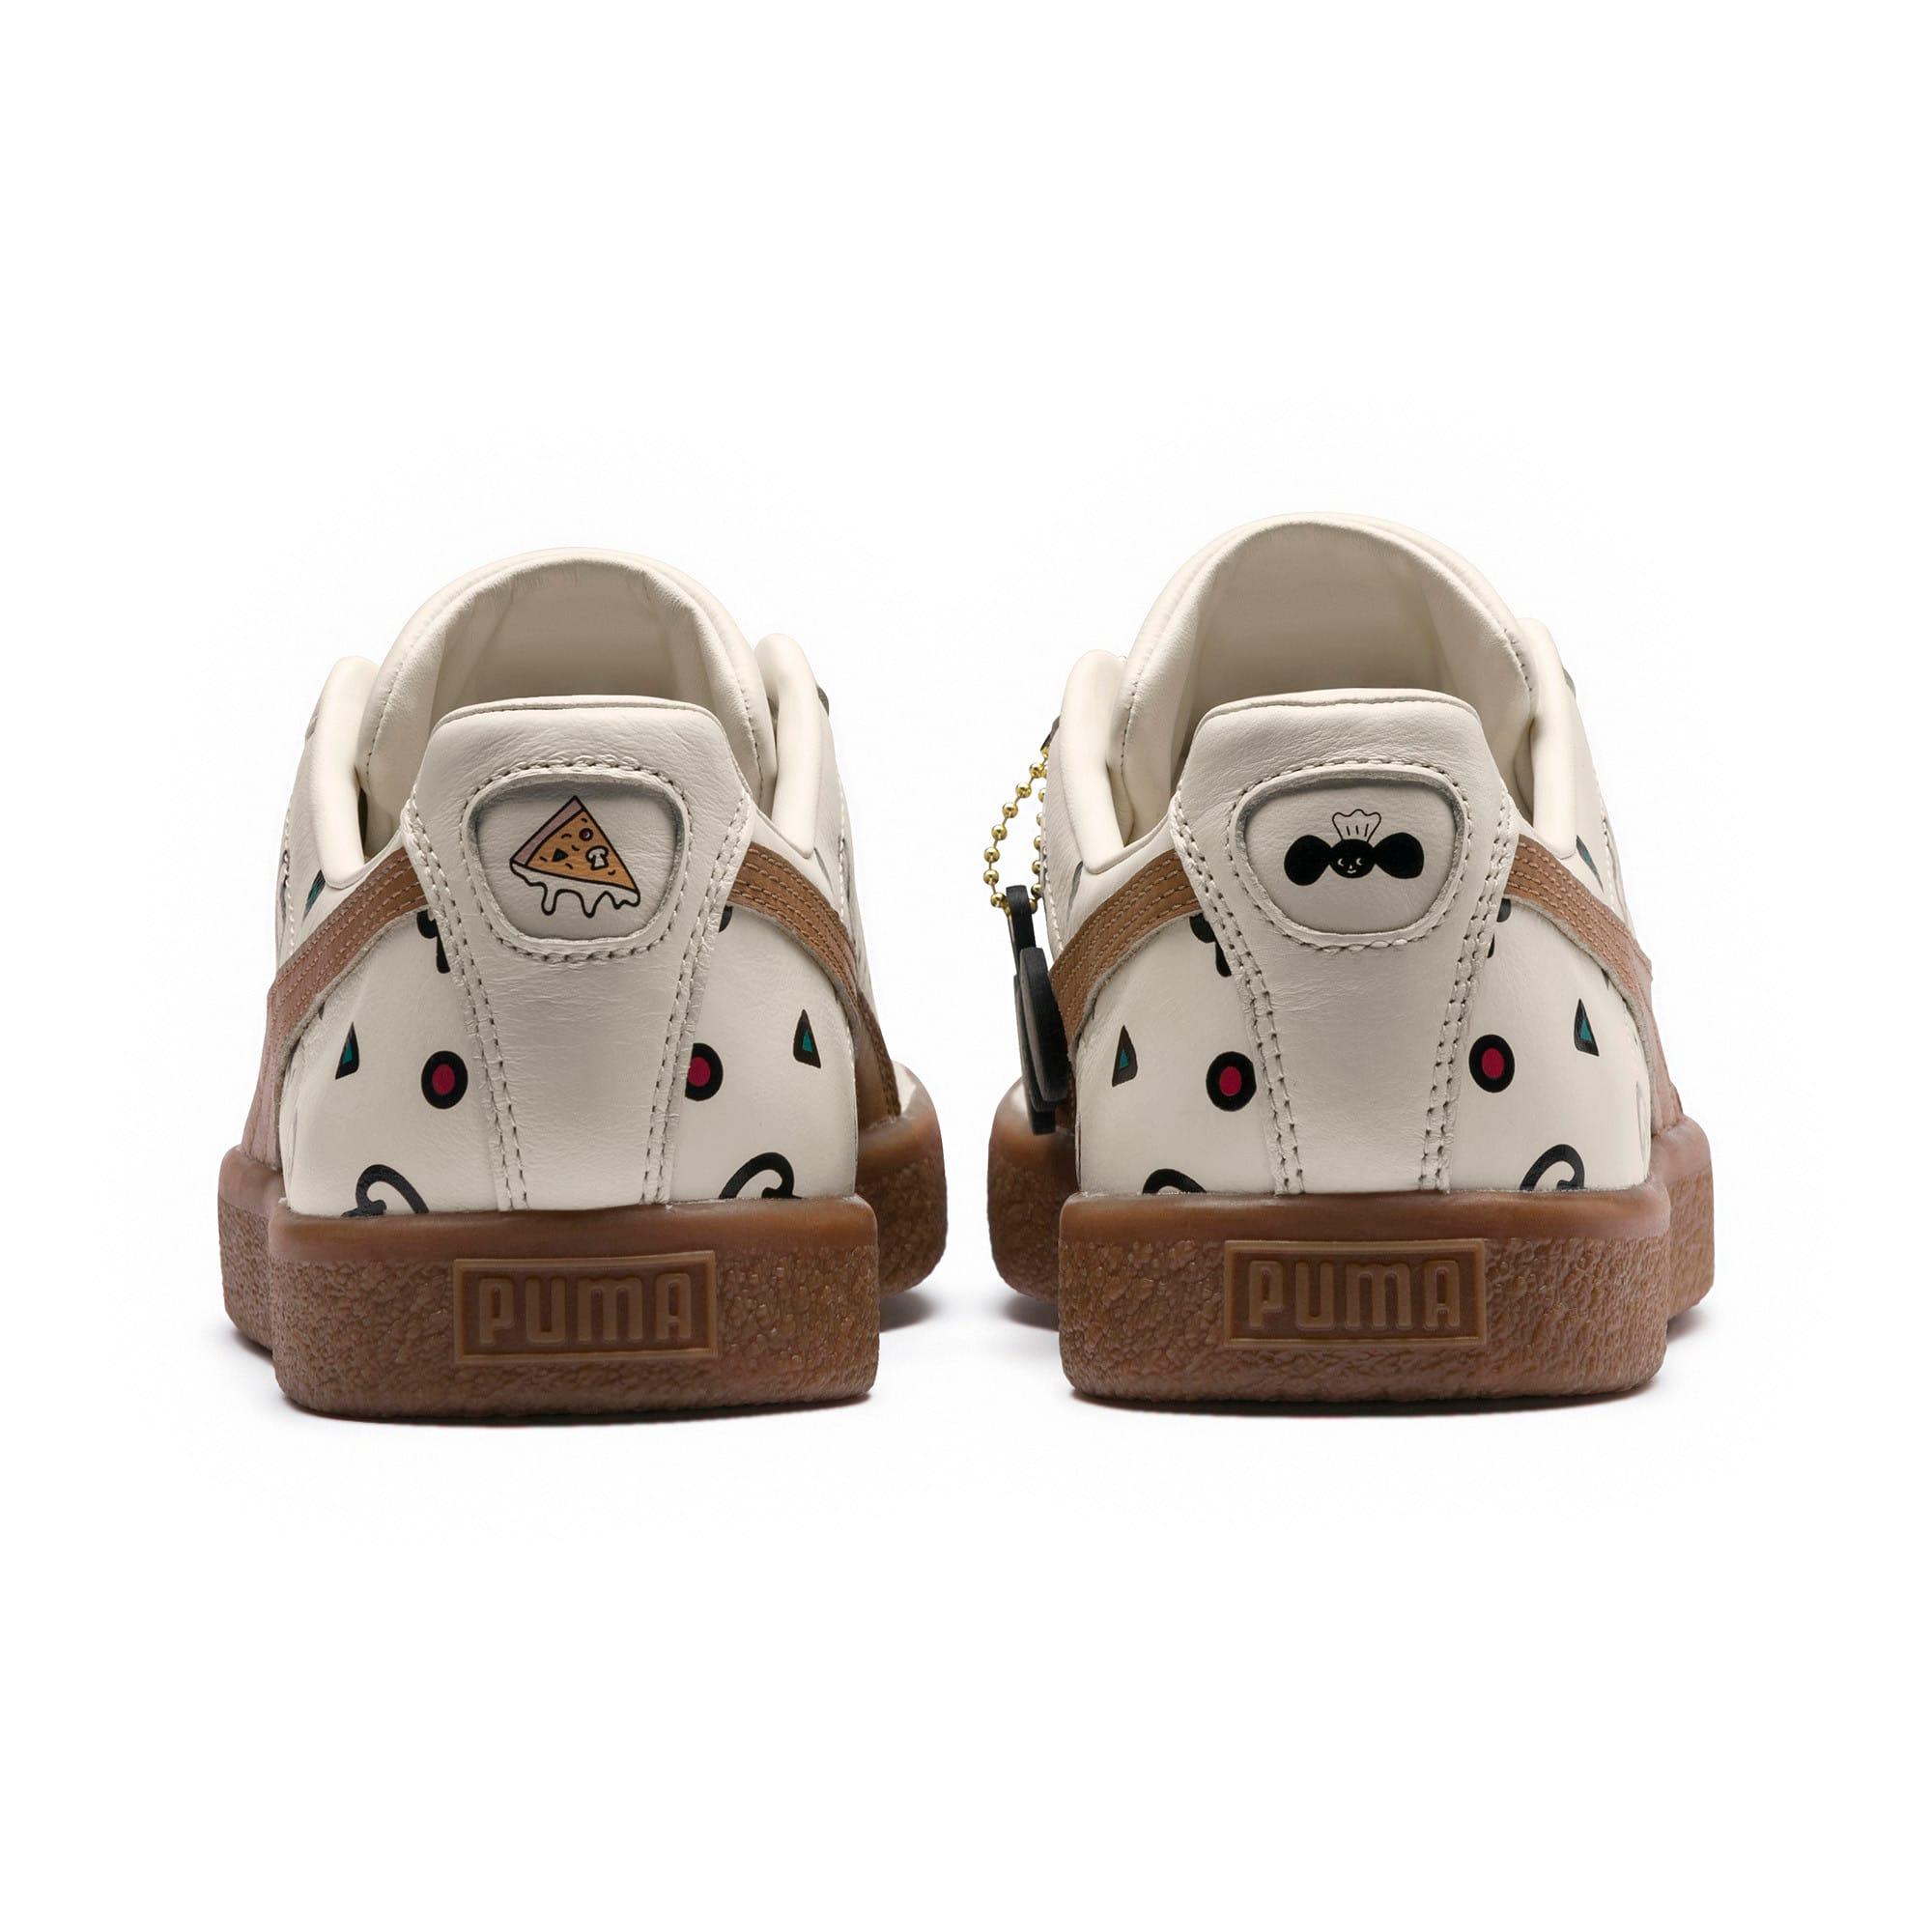 Thumbnail 4 of PUMA x TYAKASHA Clyde Graphic Sneakers, Birch, medium